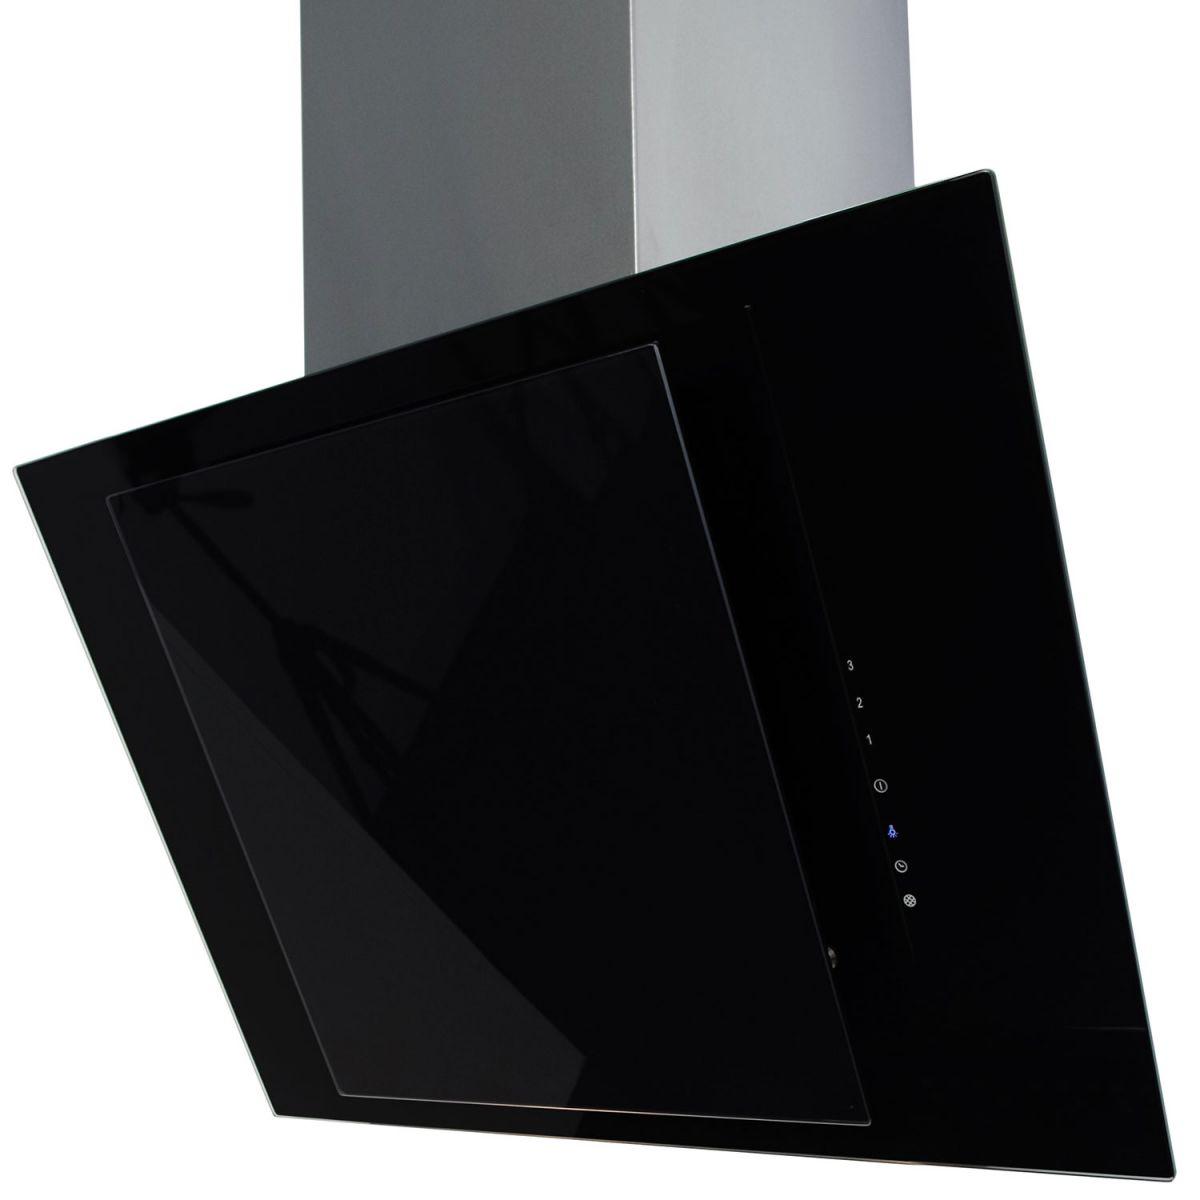 myappliances ref28314 60cm angled black glass chimney. Black Bedroom Furniture Sets. Home Design Ideas